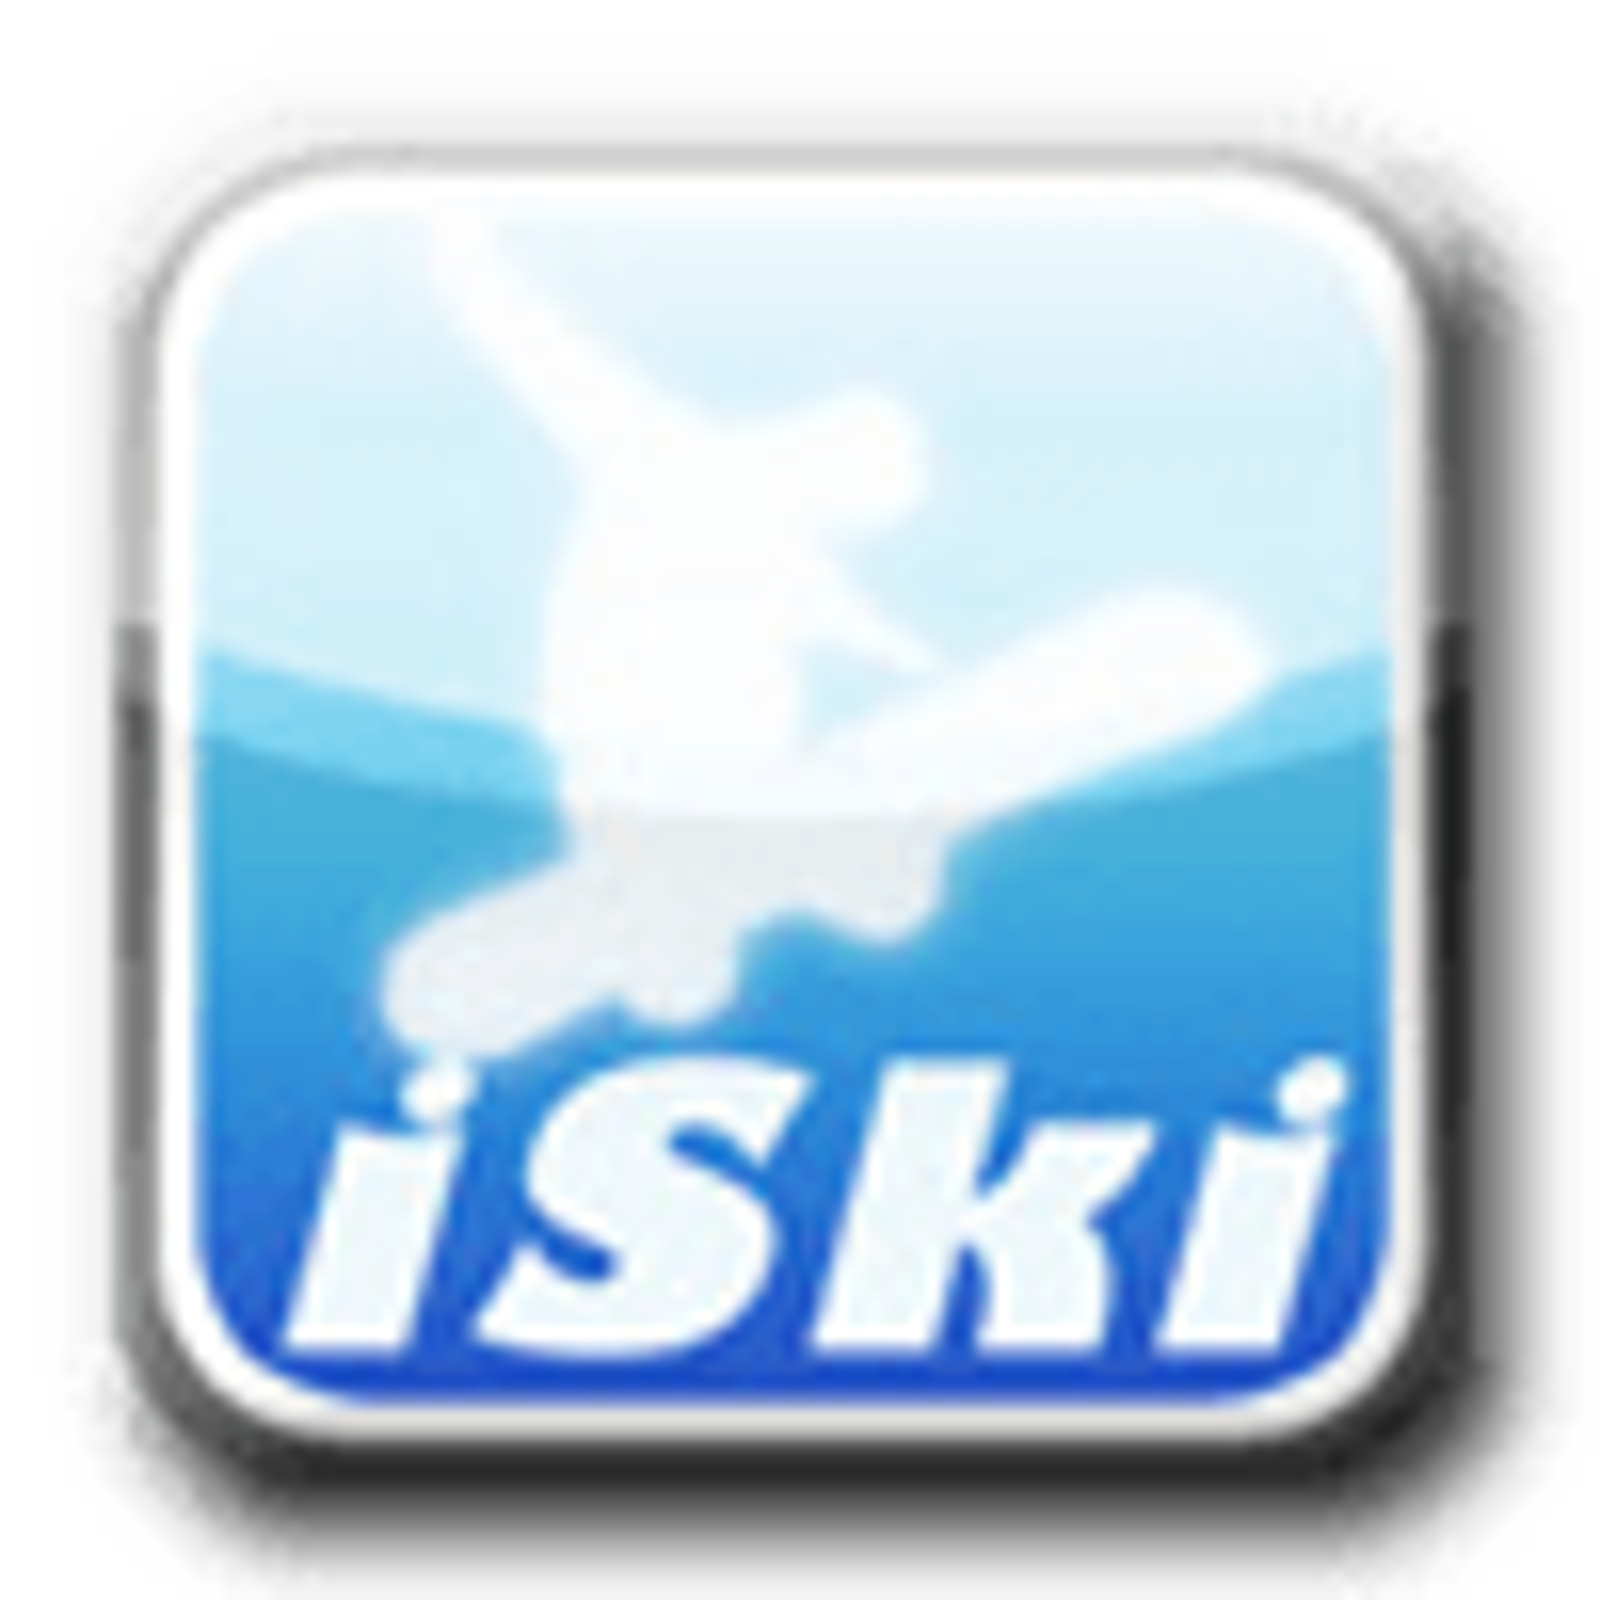 iSki 2008